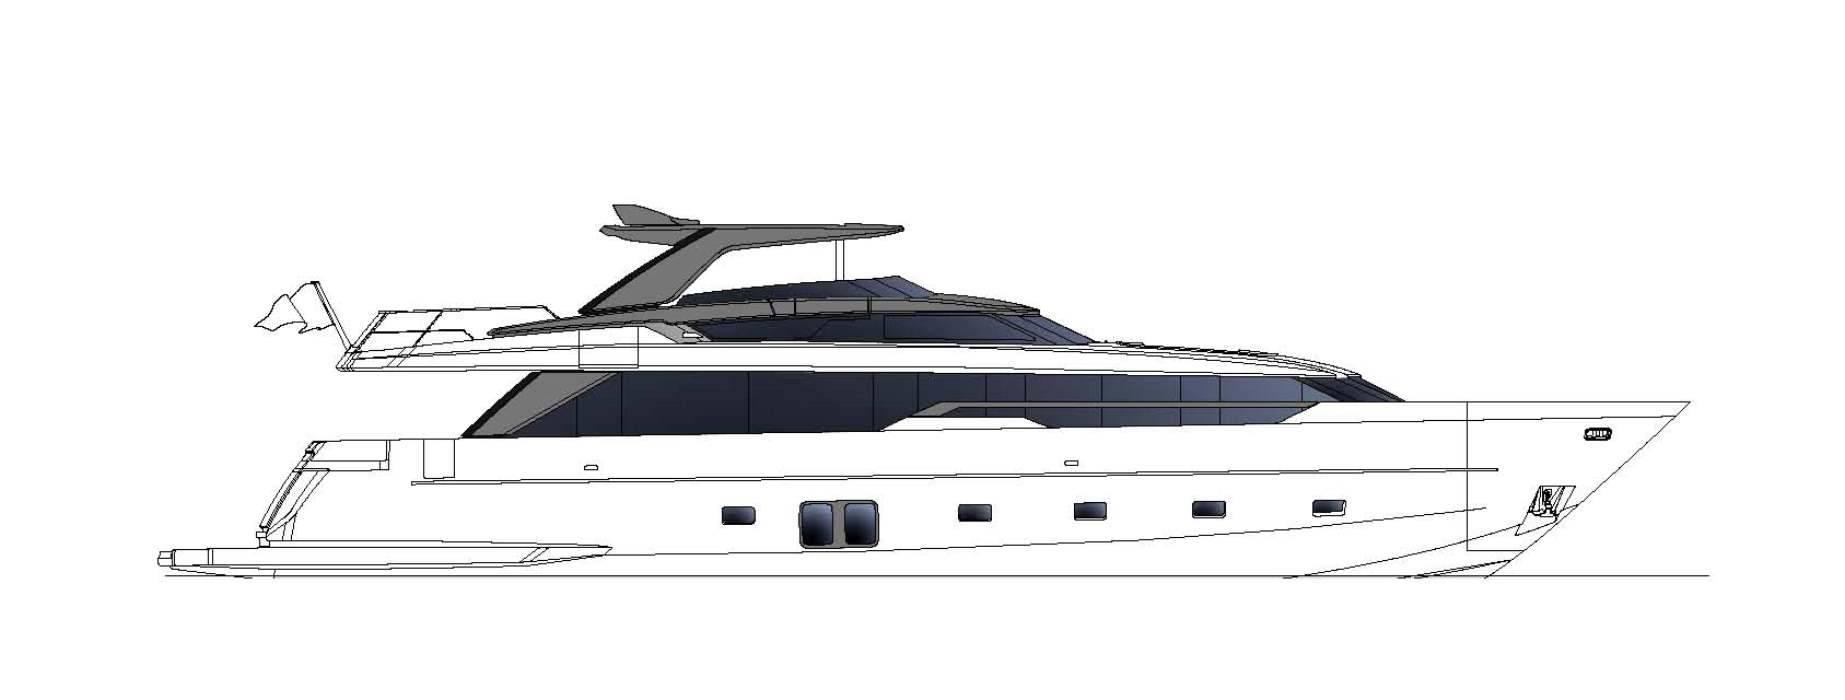 Sanlorenzo Yachts SL96 Asymmetric Profile